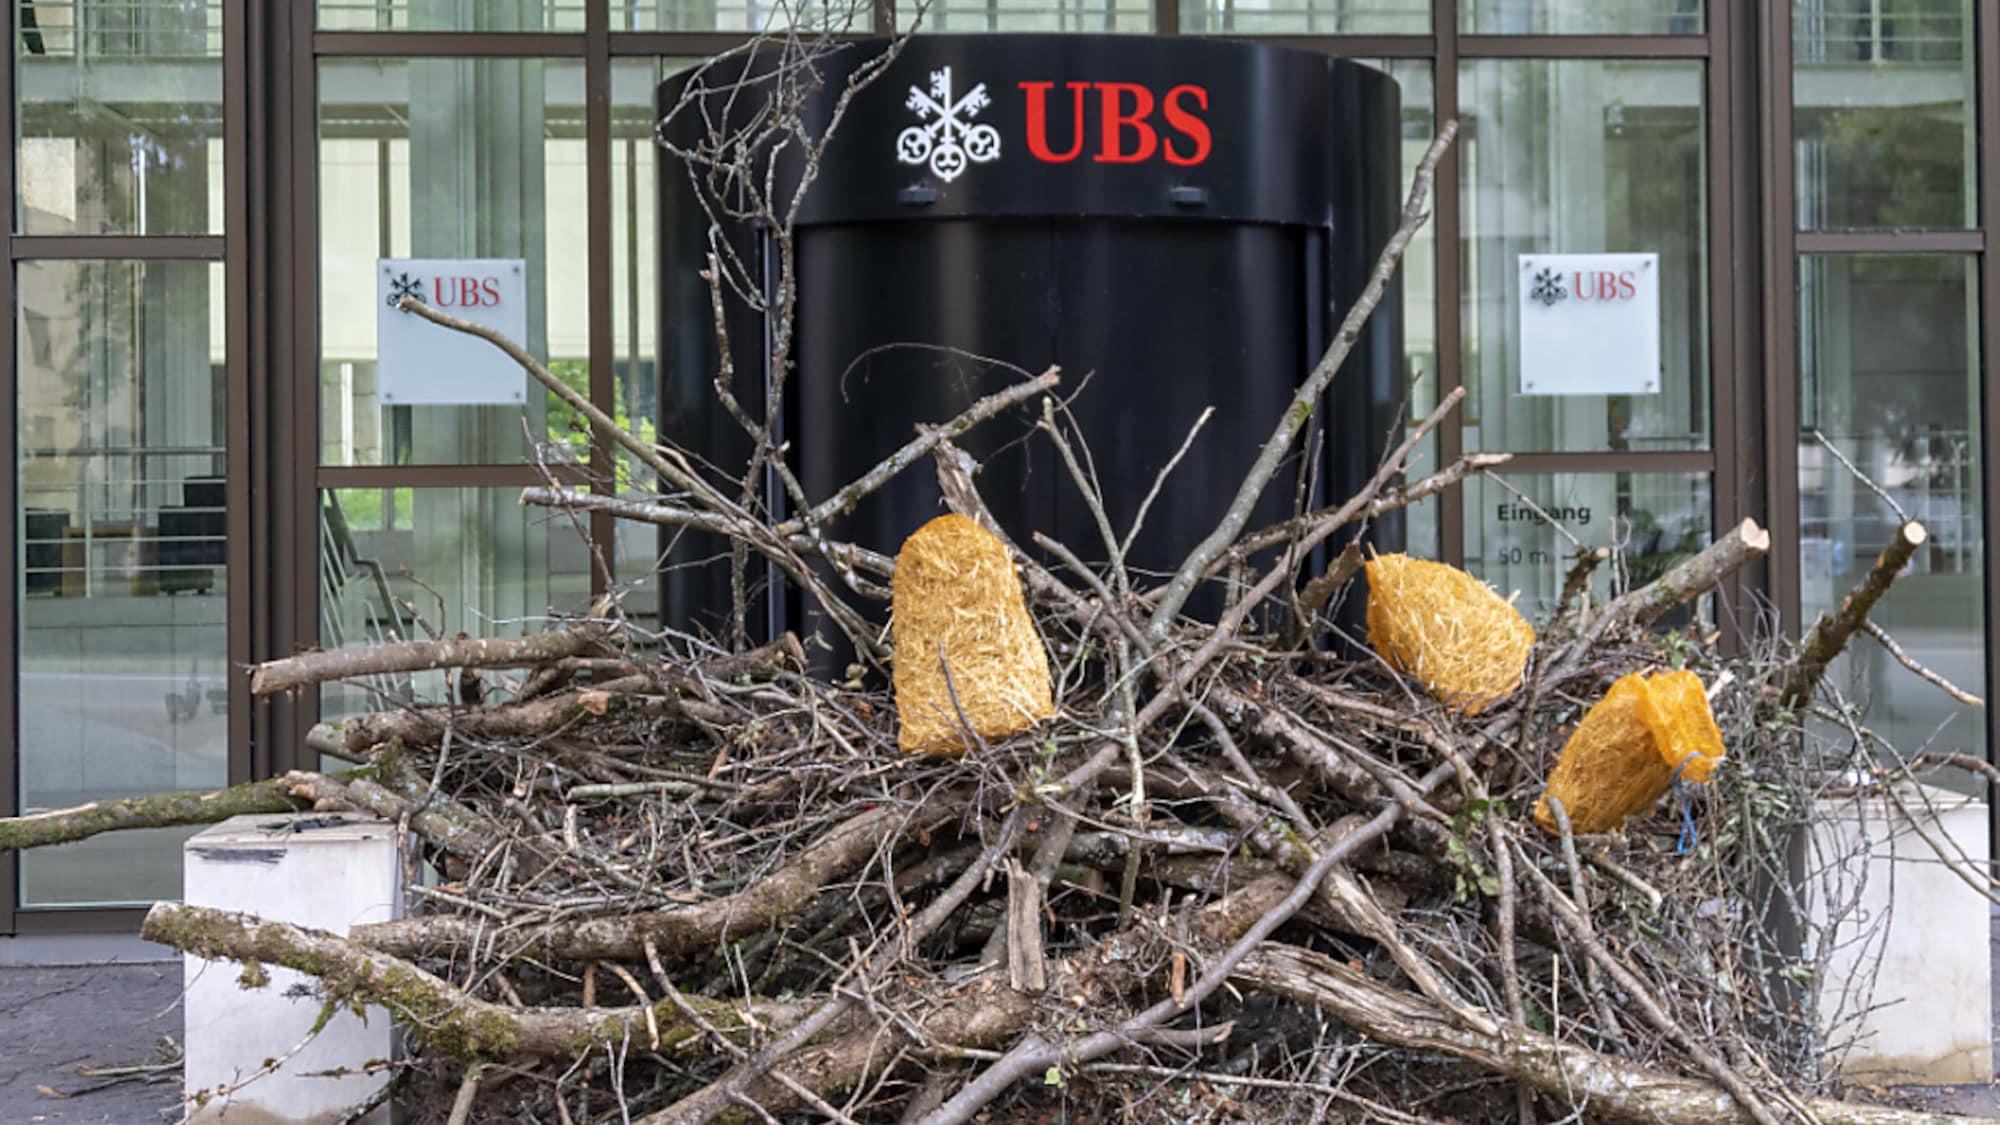 Banken: UBS wehrt sich gegen Klima-Vorwürfe